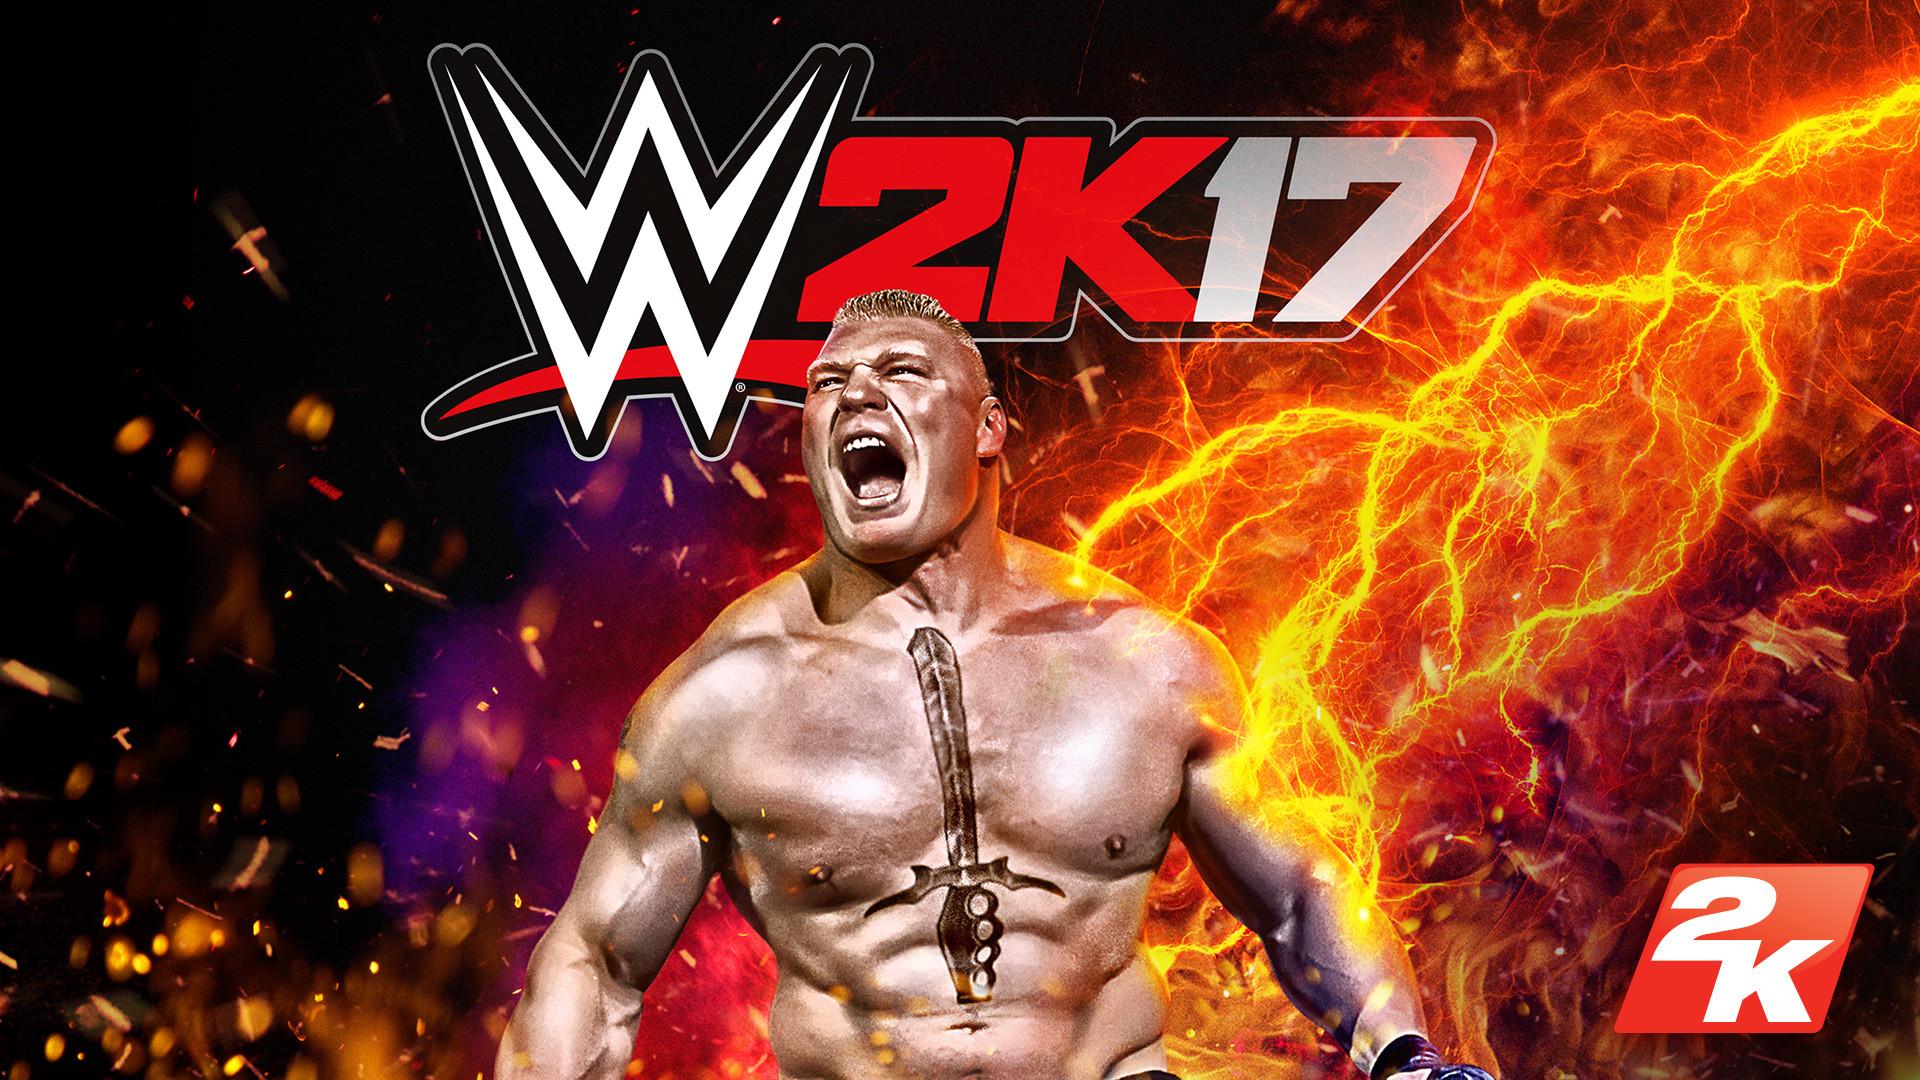 … 2K17 Brock Lesnar Wallpaper (Artwork) WWE 2K17 Goldberg Wallpaper  (Artwork) WWE 2K17 NXT Edition Wallpaper